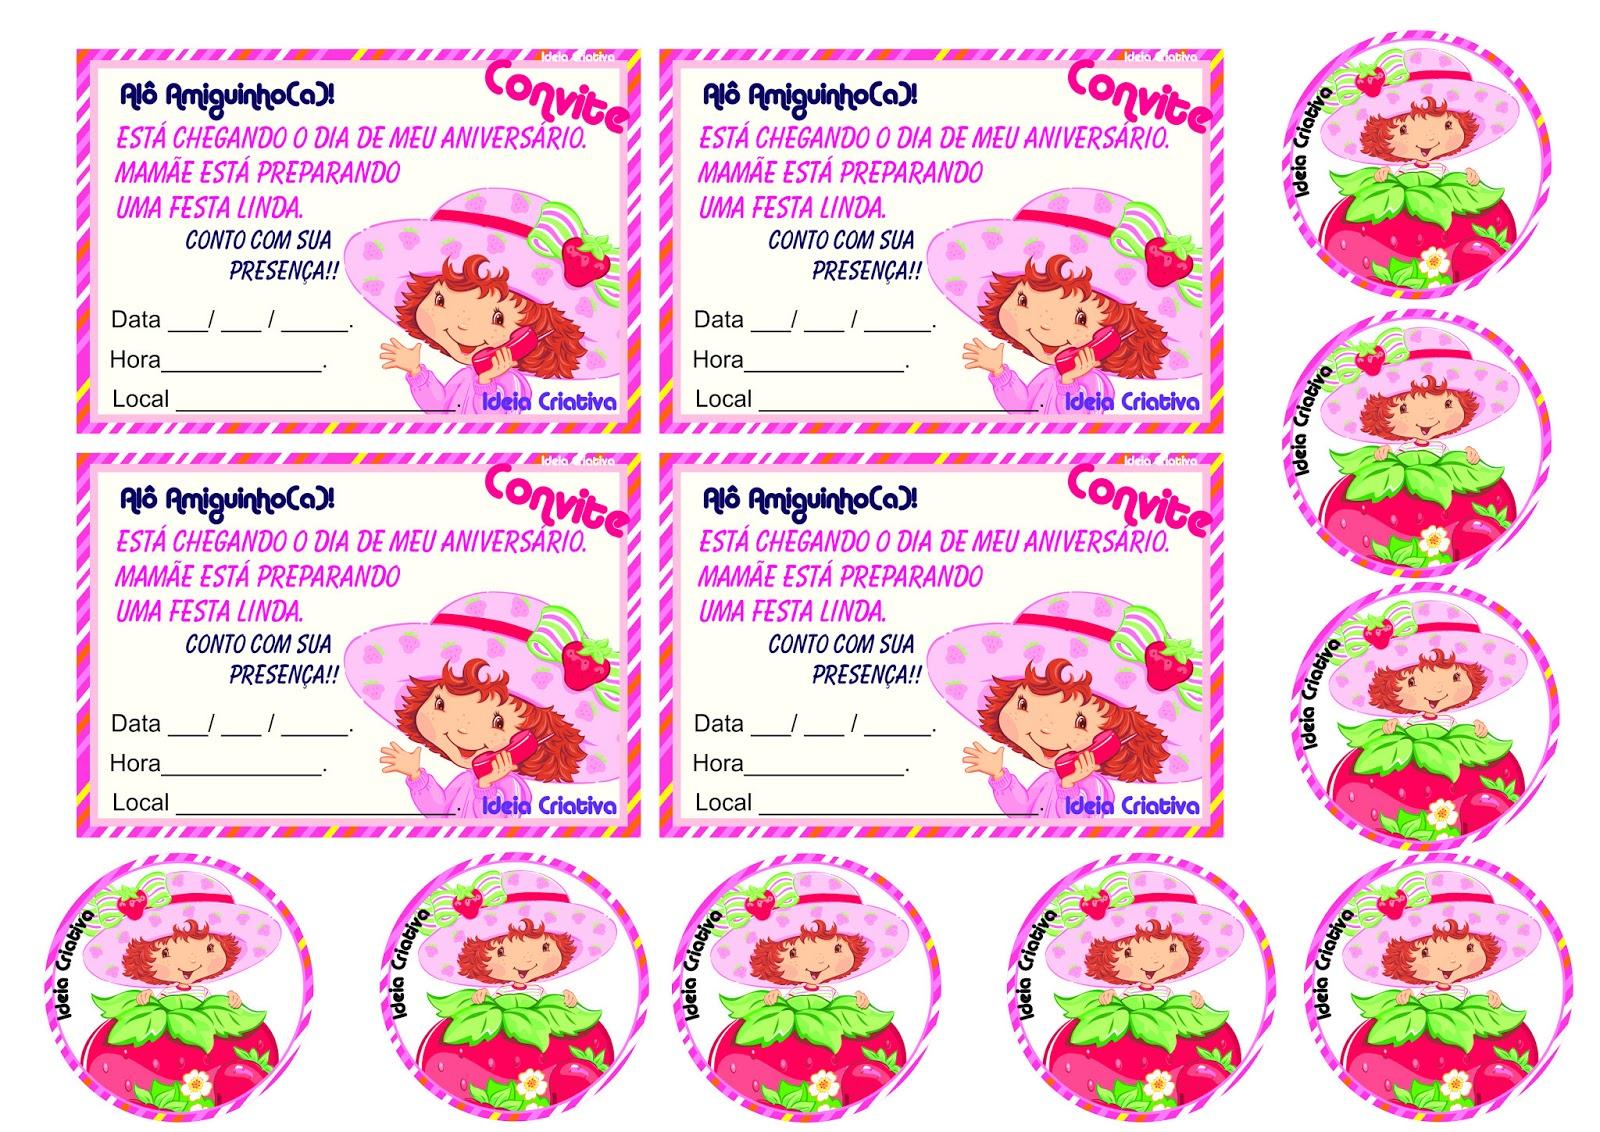 Convite De Aniversario E Toopers Moranguinho Para Imprimir Gratis